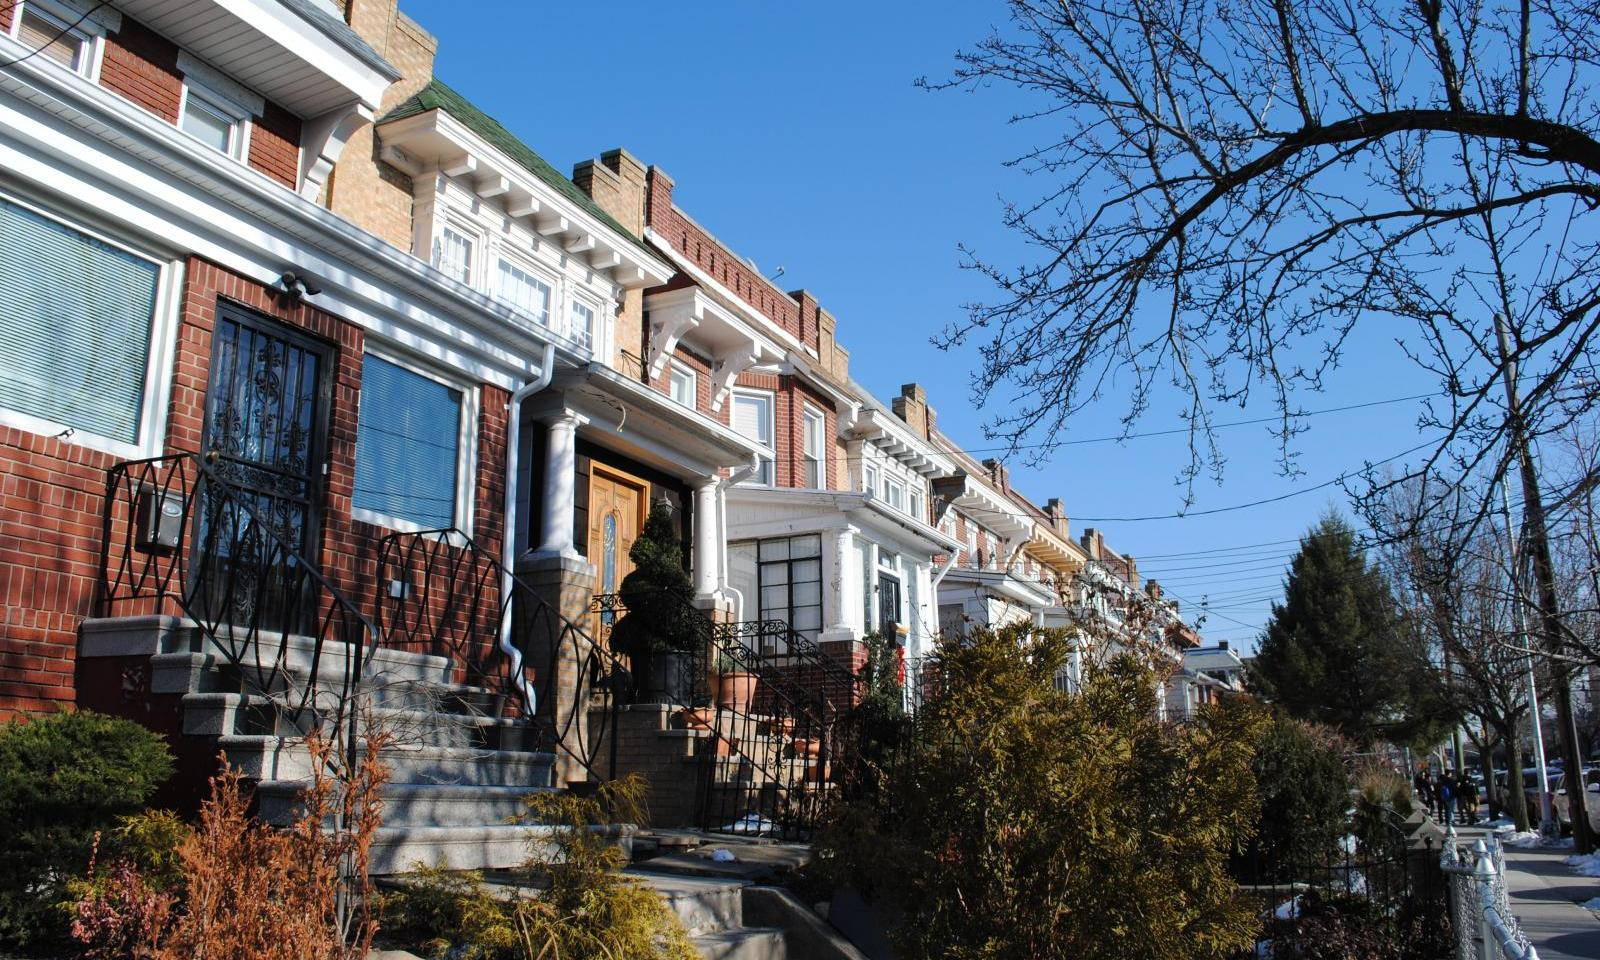 Astoria, Queens